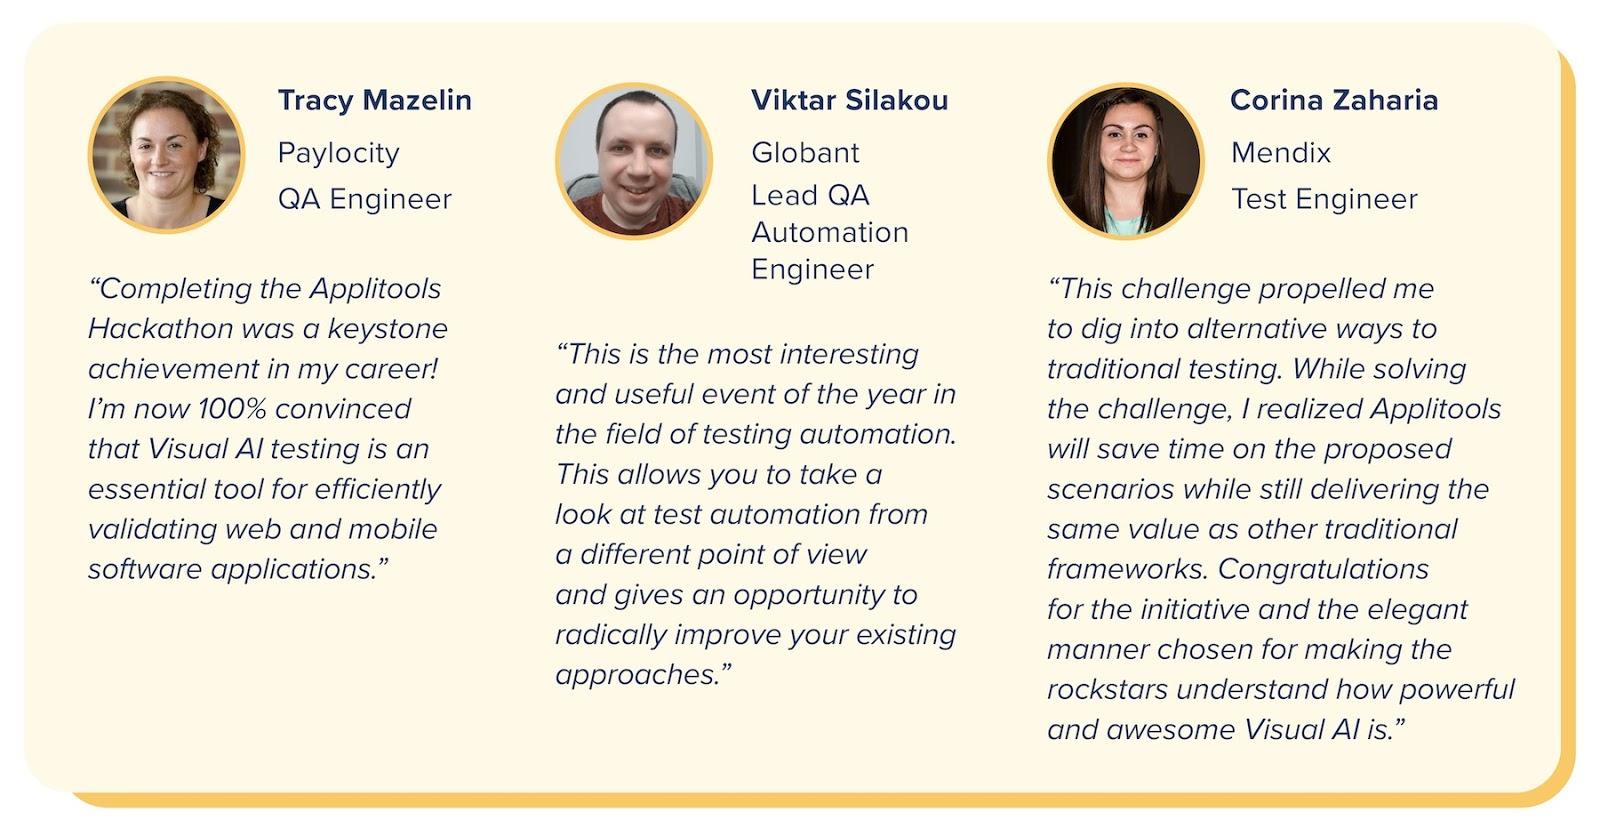 VisualAI Impact Three Quotes